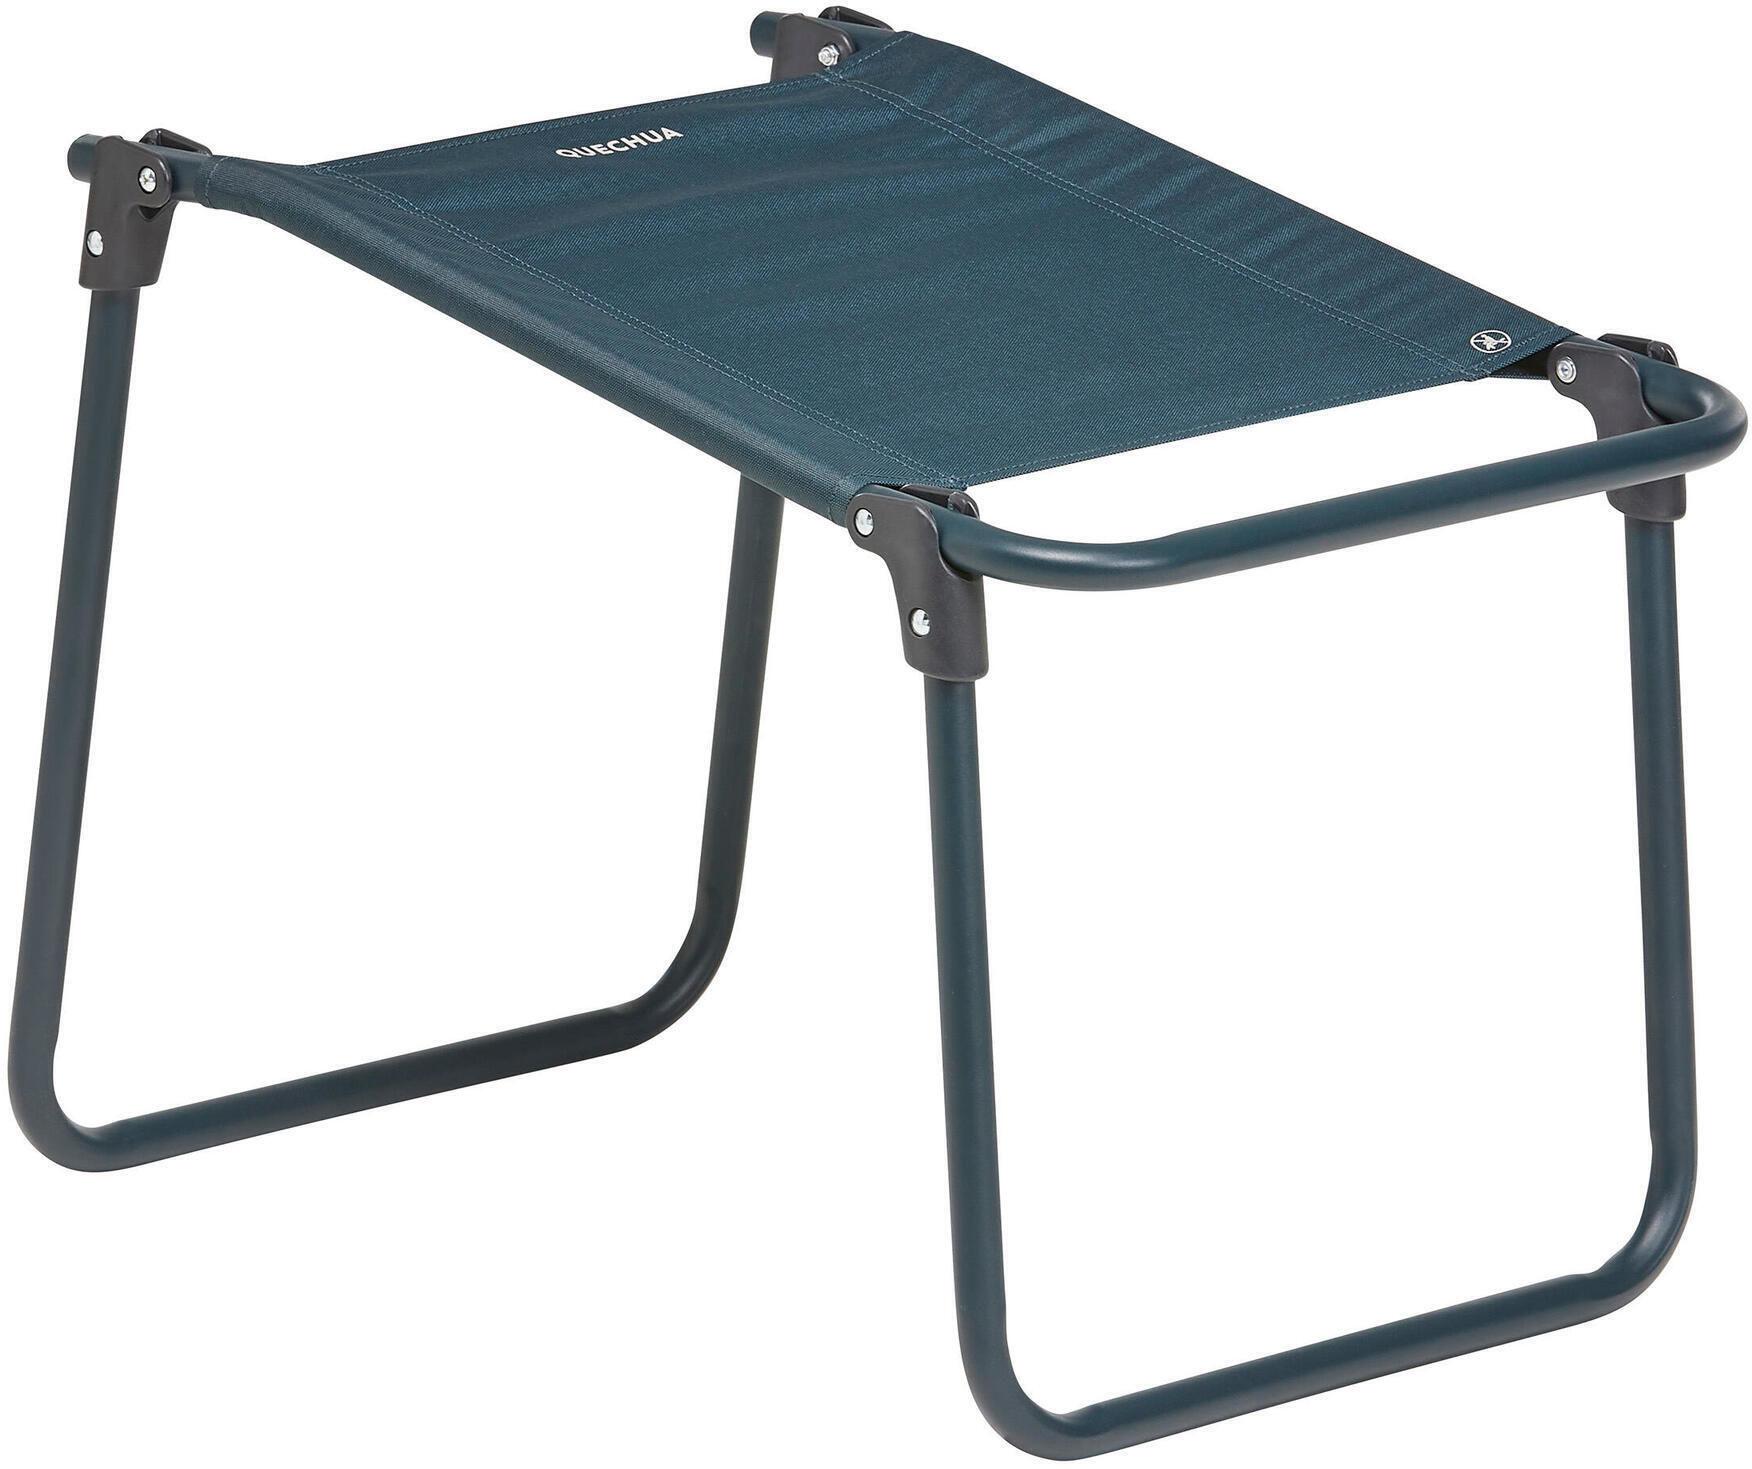 Podnóżek - do foteli i krzeseł kempingowych